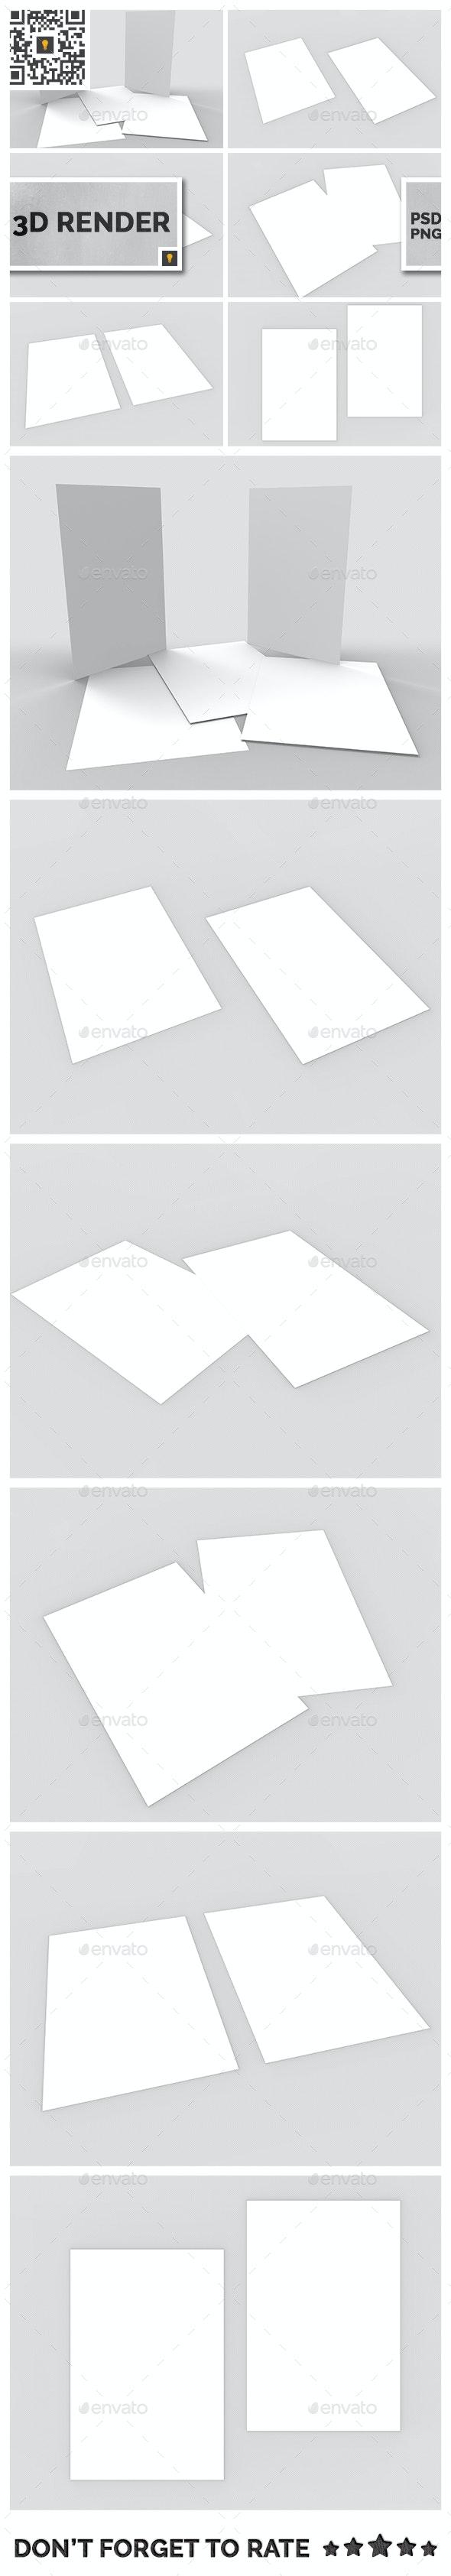 Flyer 3D Render - Objects 3D Renders